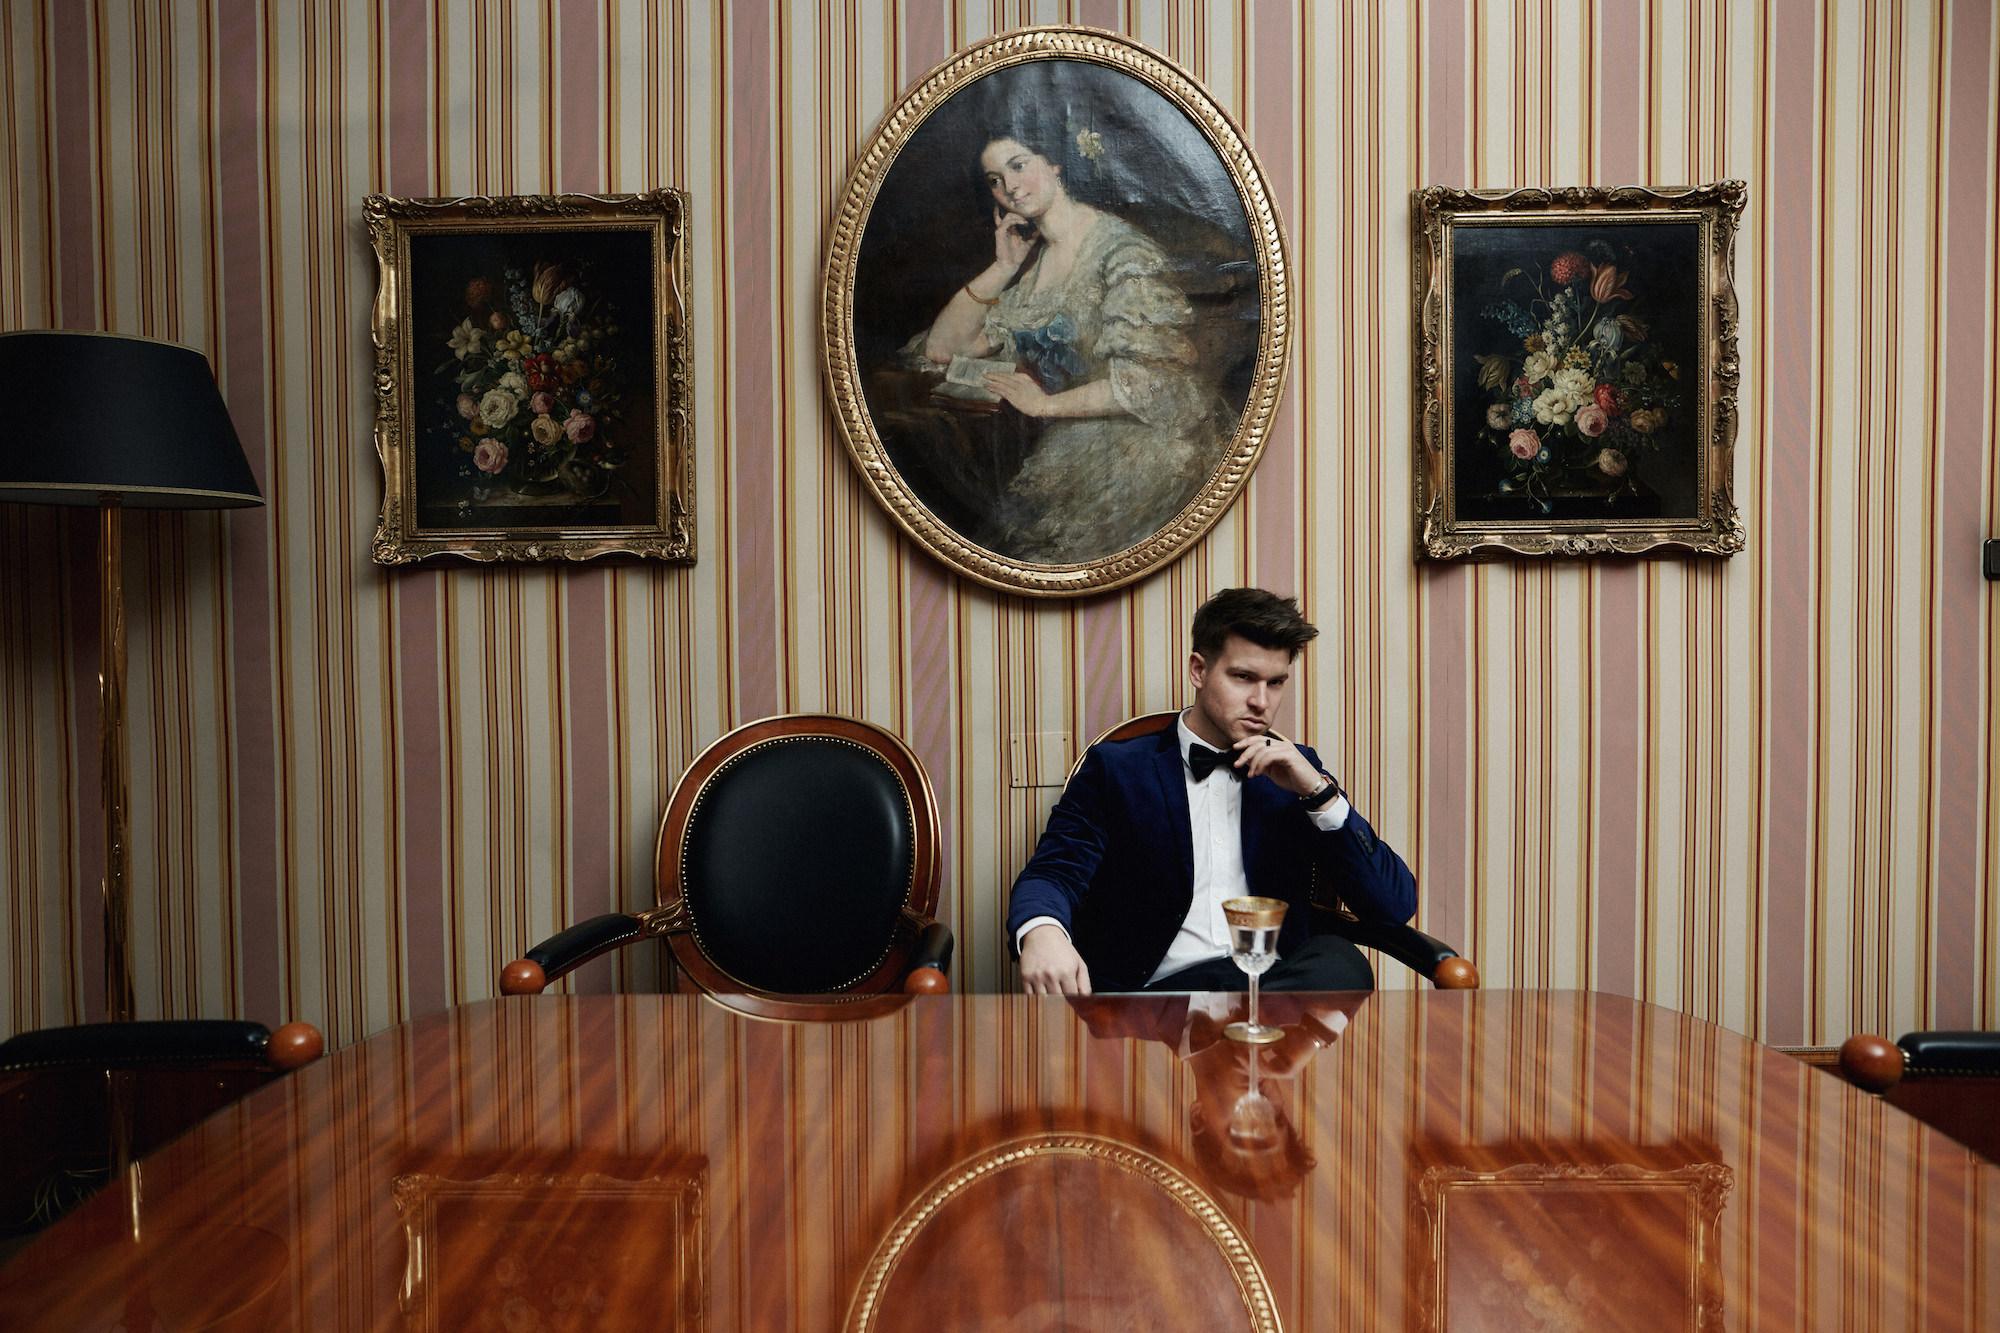 Elegantes Silvesteroutfit für Männer_Tiger of Sweden Samt Blazer_Meanwhile in Awesometown_Modeblogger_Mens Fashion und Lifestyleblogger_Wiener Blogger_Maleblogger1